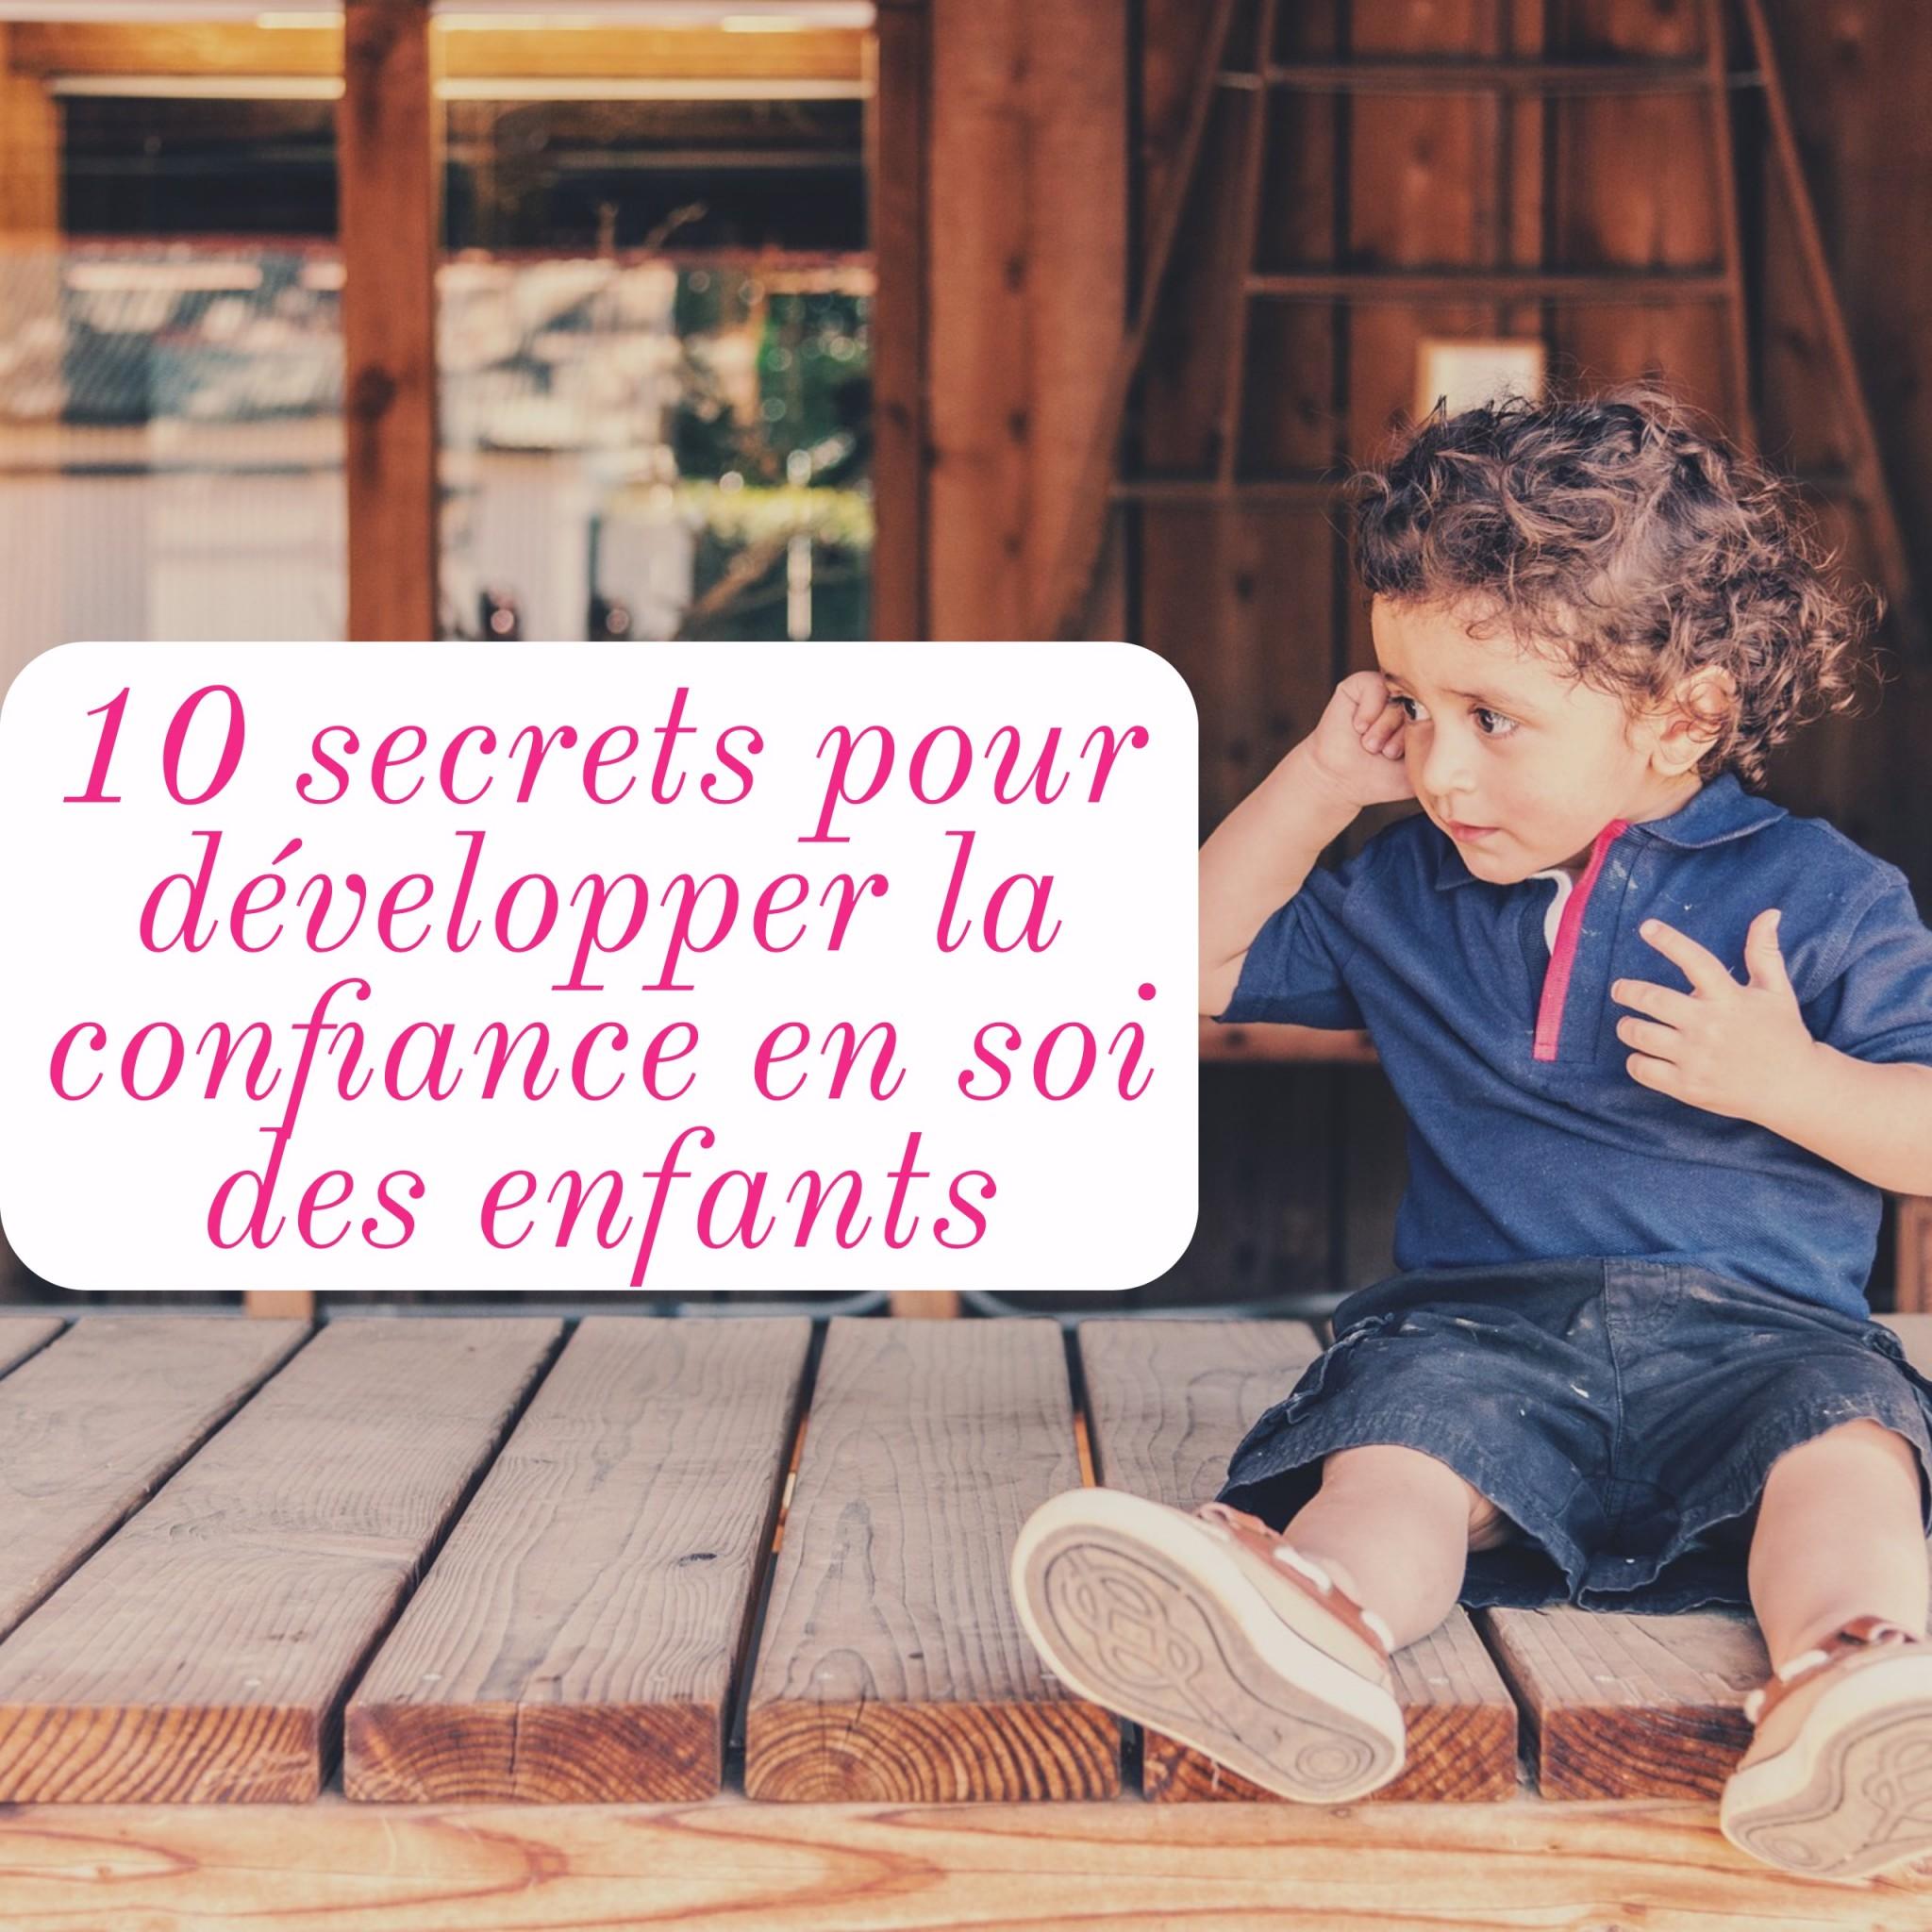 10 secrets pour développer la confiance en soi des enfants